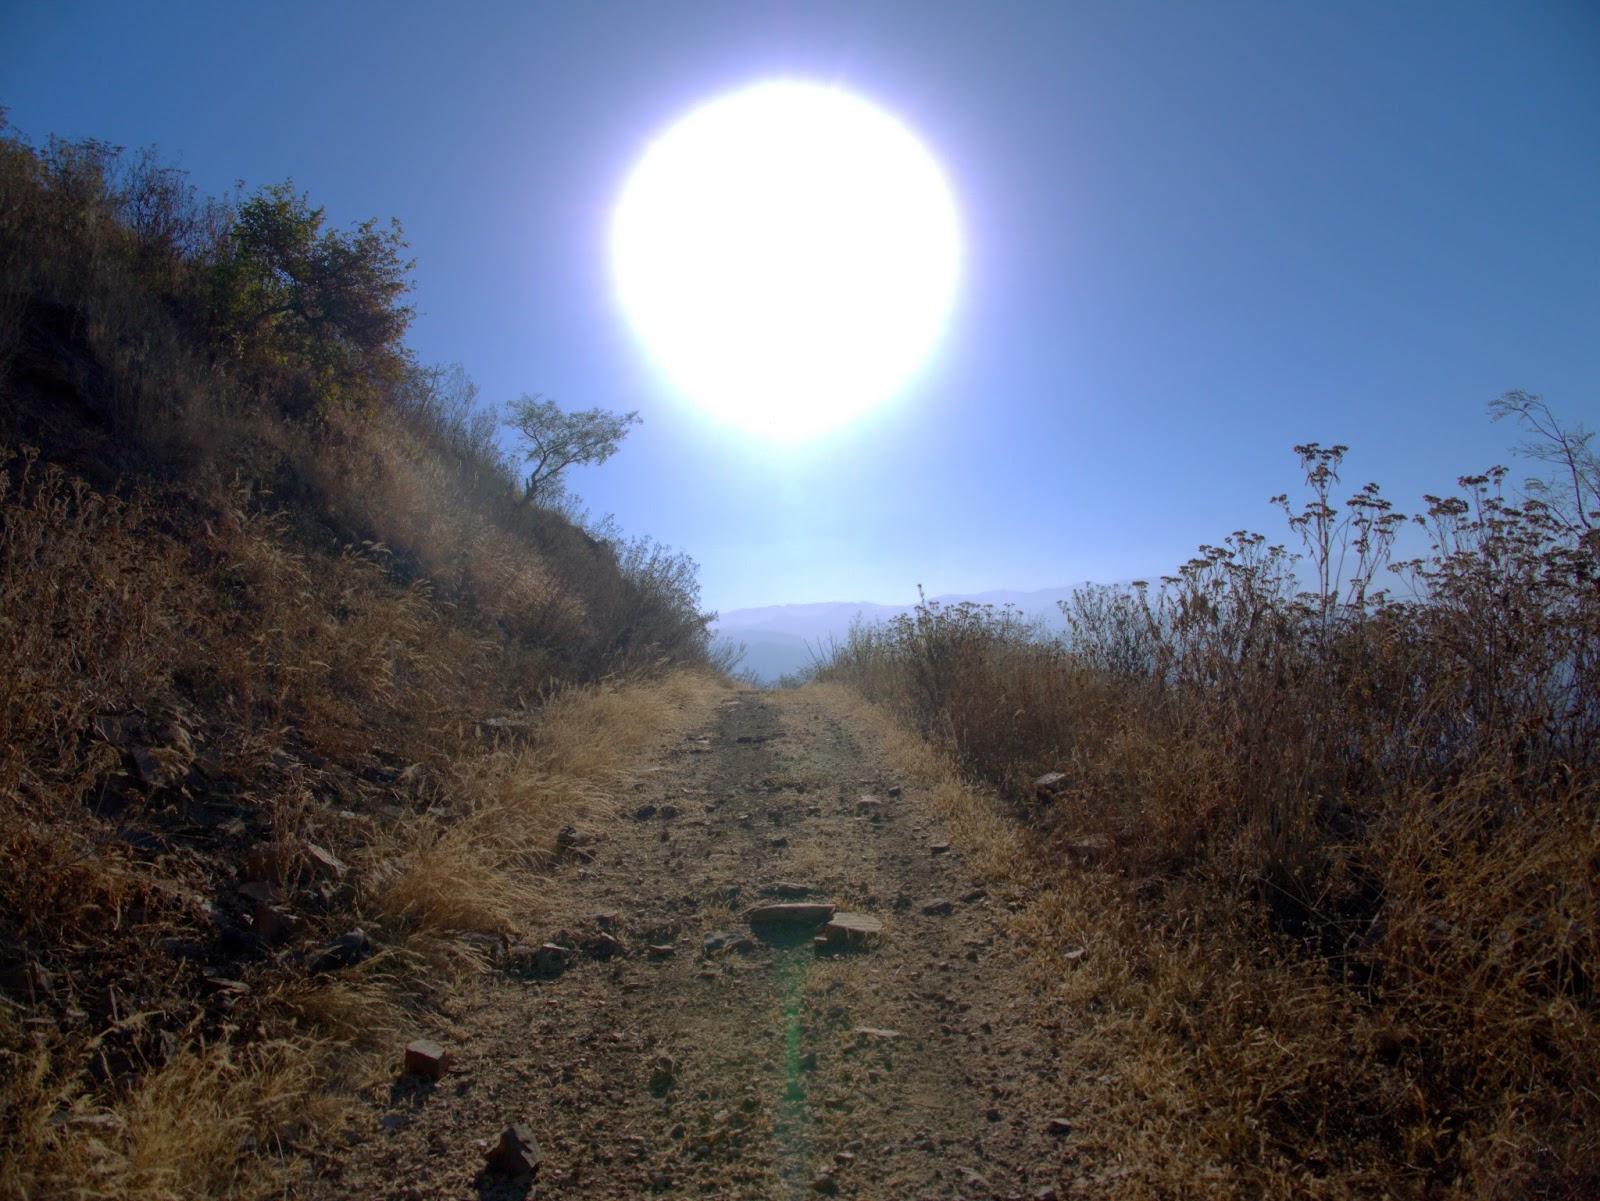 Sol brilha intensamente, iluminando o caminho: ilustra a seção a respeito dos textos das linhas de ''Chin / Progresso'', um dos 64 hexagramas do I Ching, o Livro das Mutações